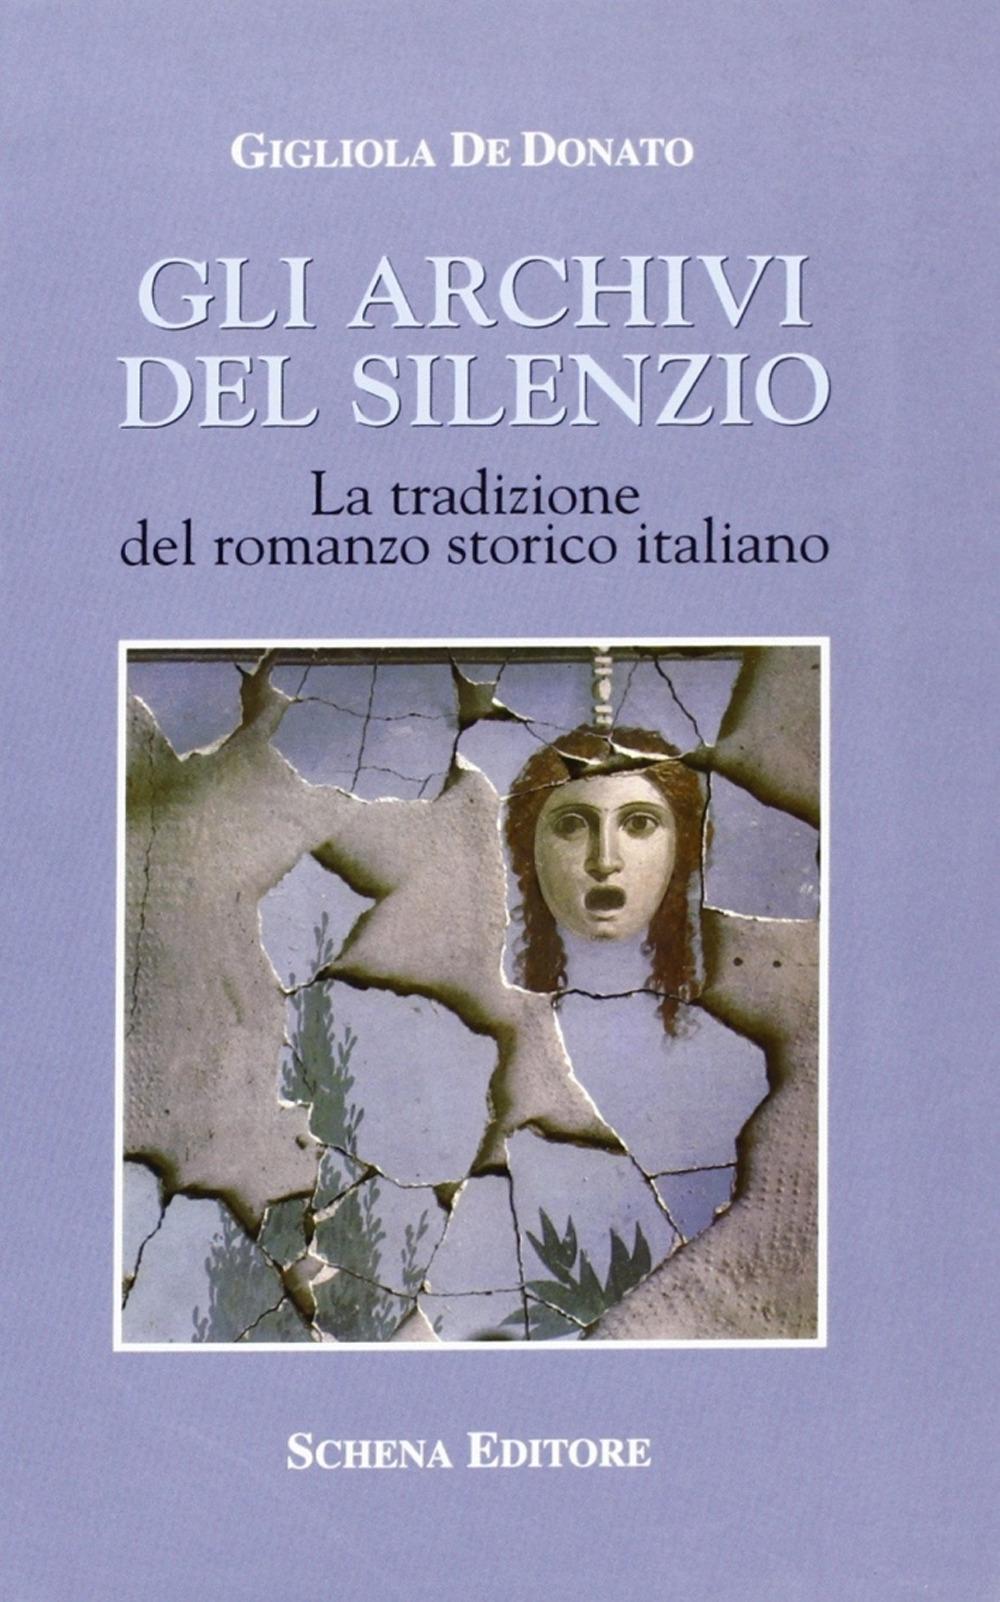 Gli archivi del silenzio. La tradizione del romanzo storico italiano.